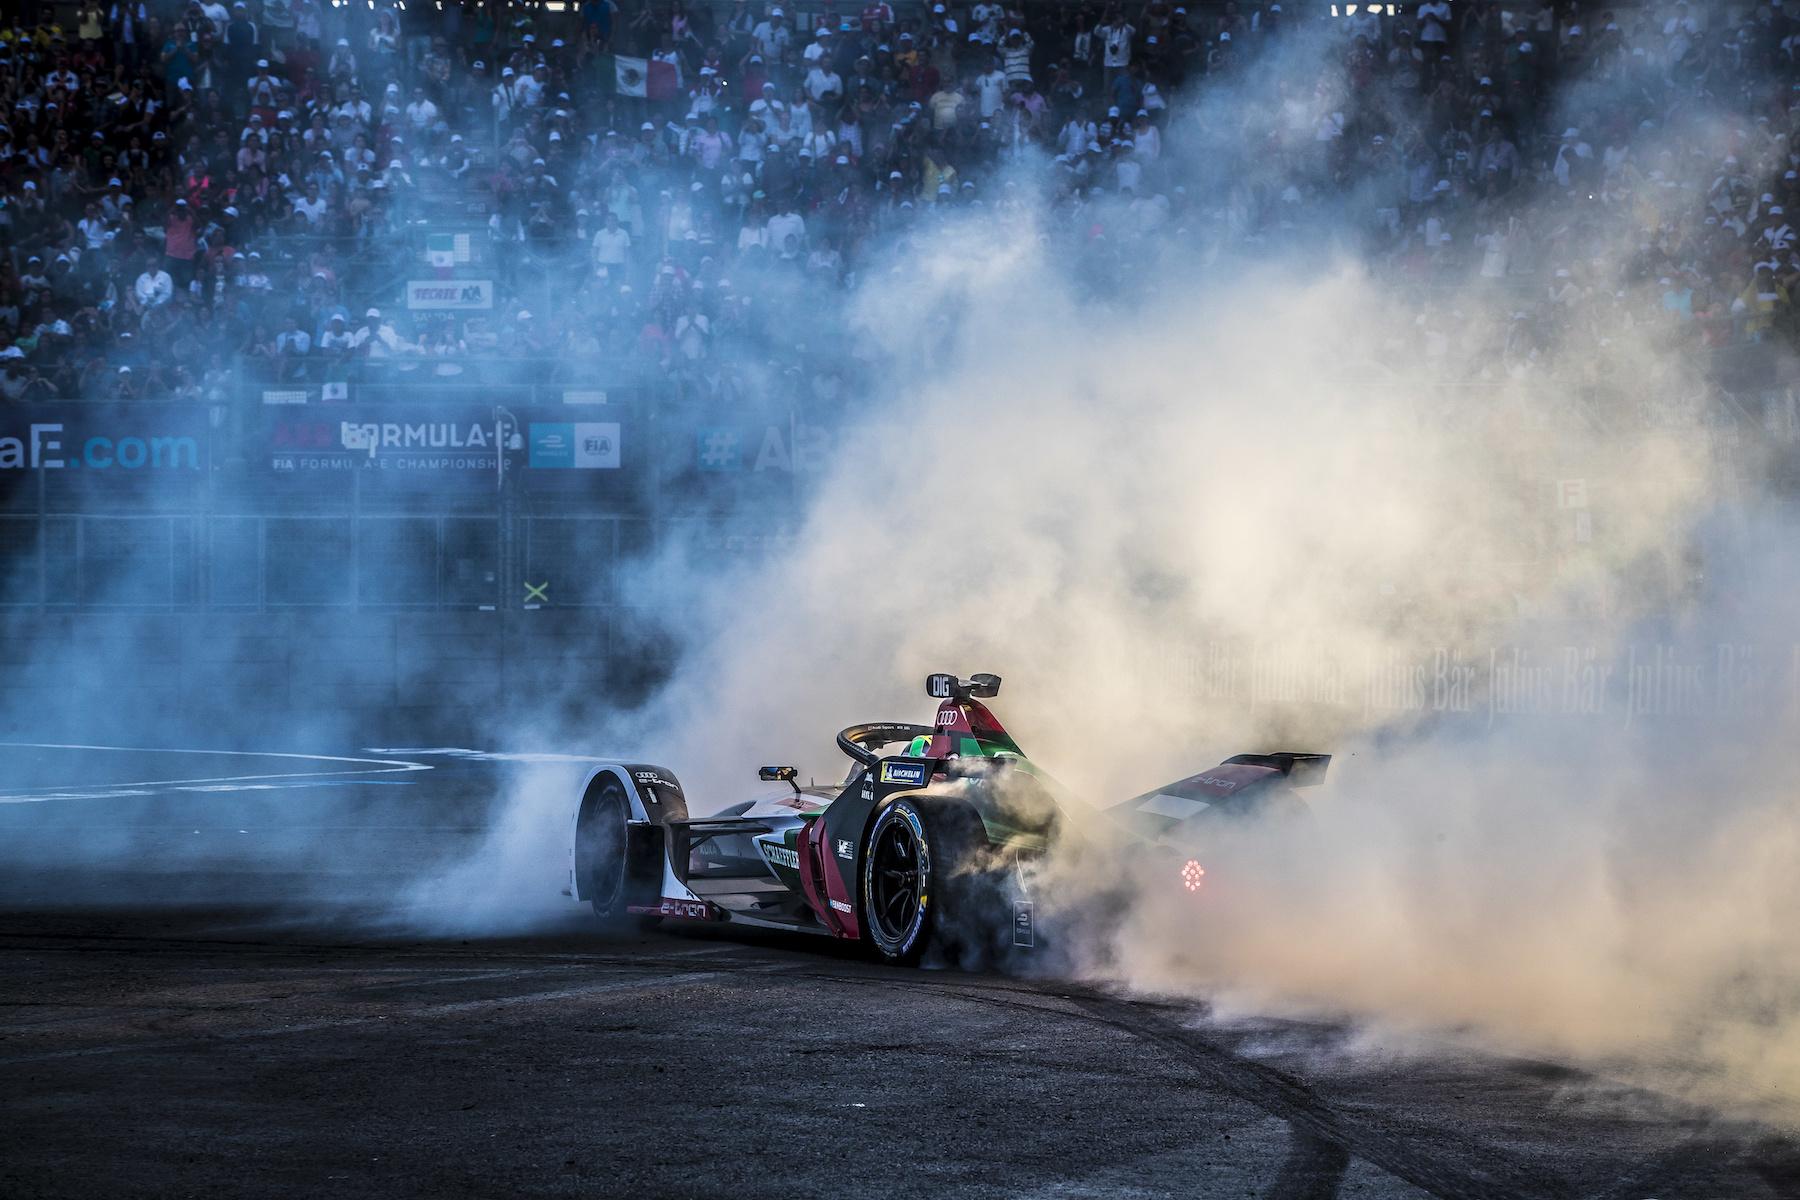 Il team Audi potrà festeggiare così anche a Berna? Dopo la vittoria a Città del Messico, Lucas di Grassi ha marcato l'asfalto con i suoi donut. (Audi Communications Motorsport/Michael Kunkel)